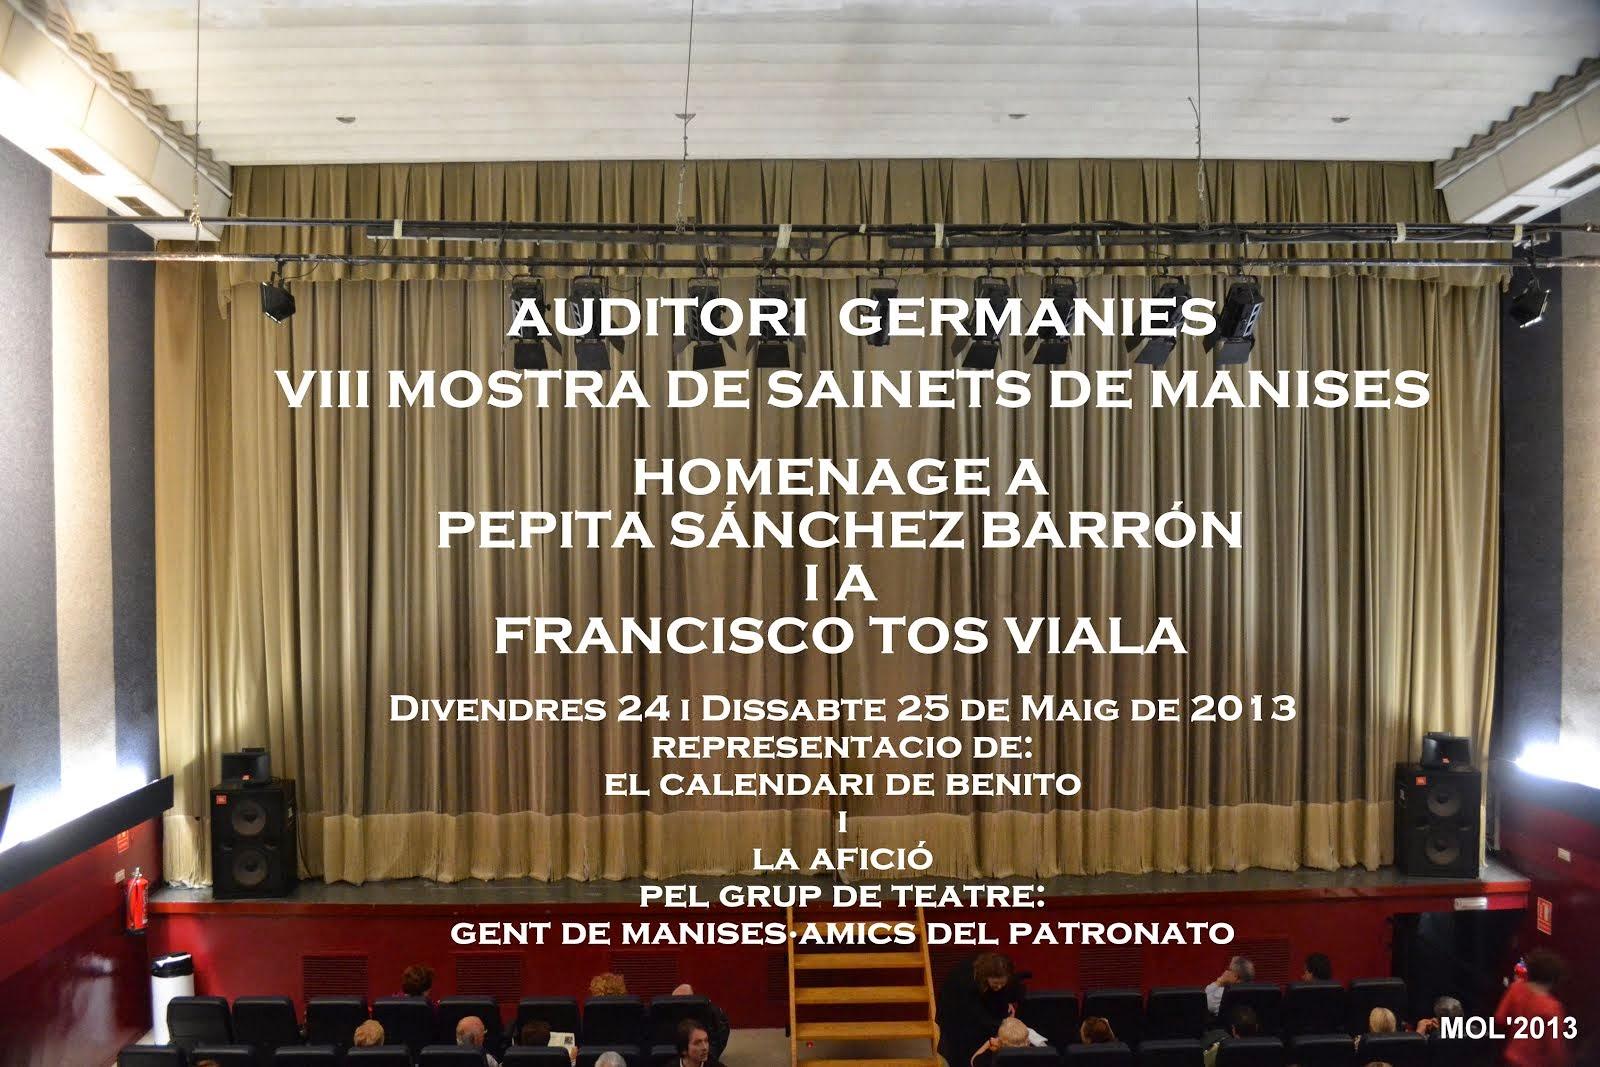 MOSTRA DE SAINETS DE MANISES EN LLENGUA VALENCIANA 2013